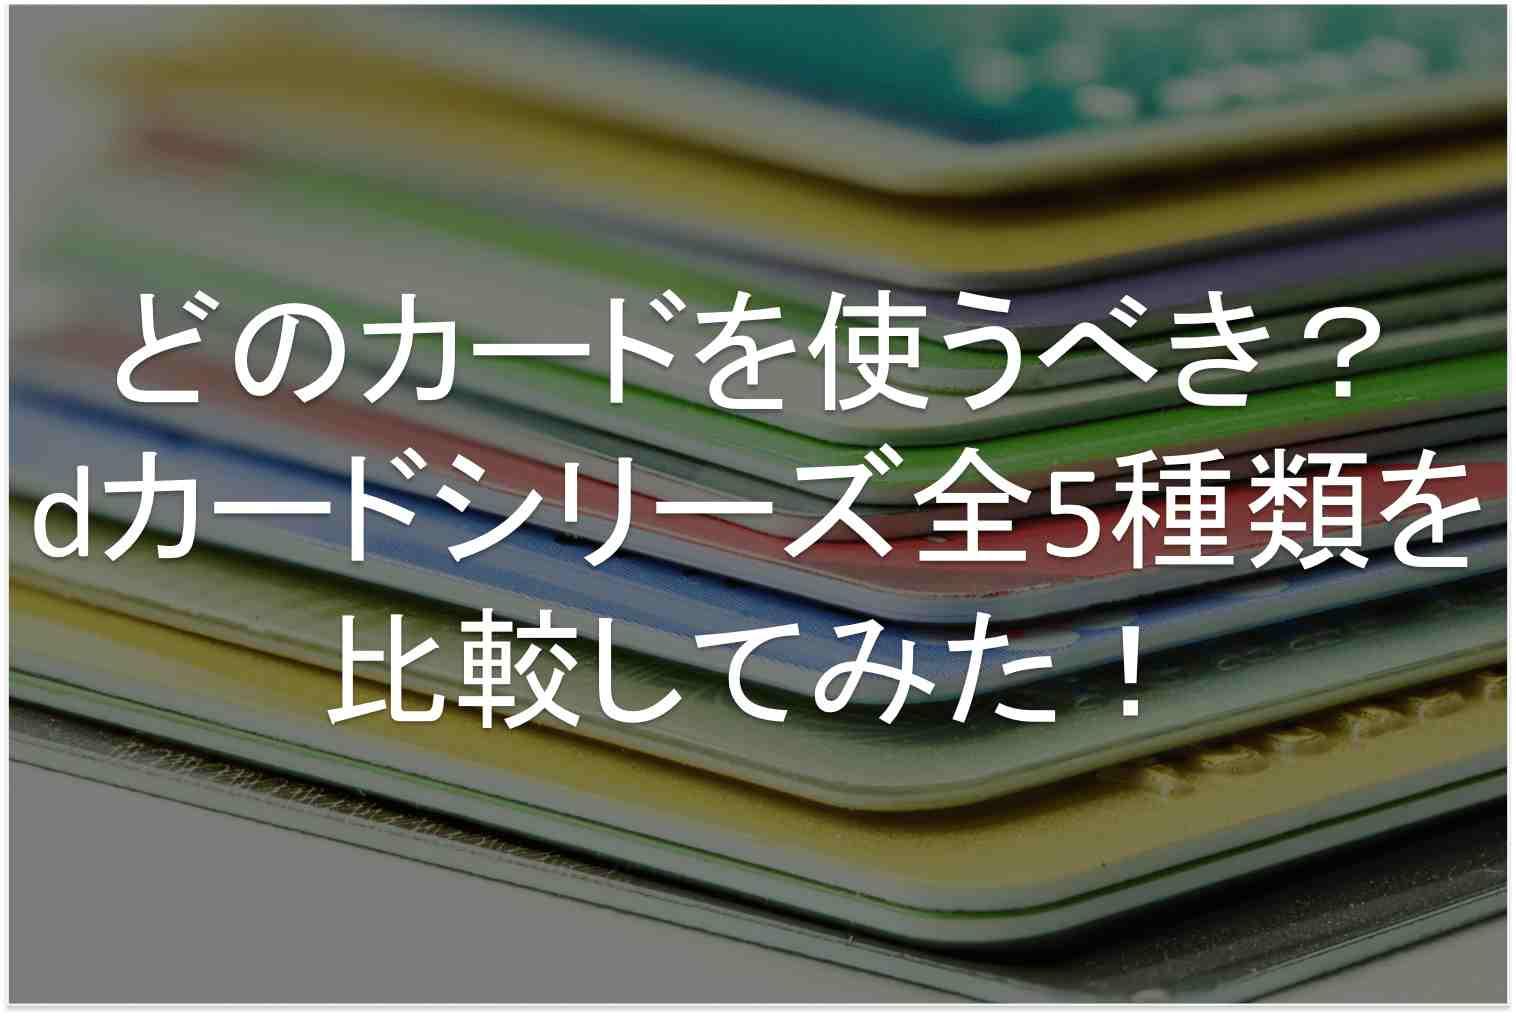 dカード 種類